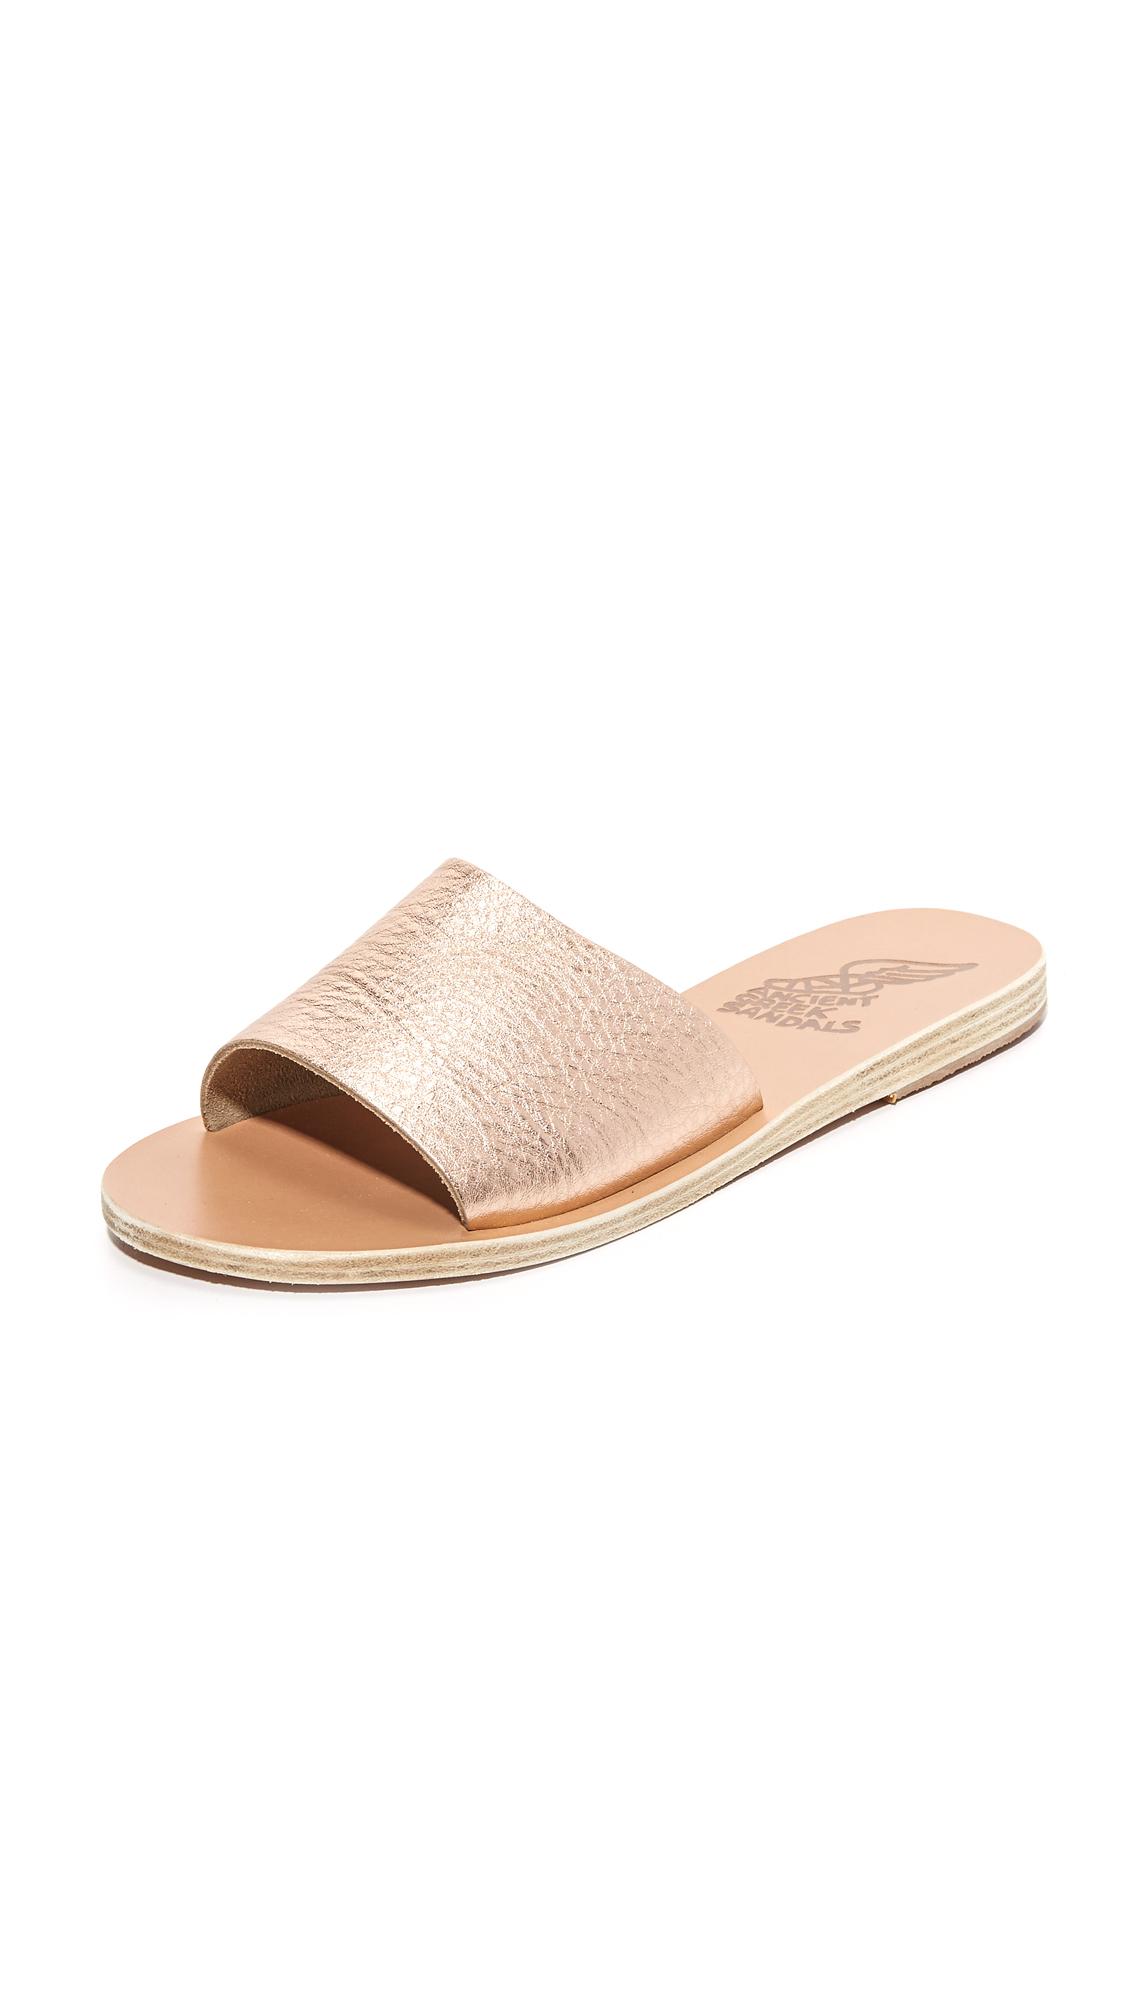 Ancient Greek Sandals Taygete Slide Sandals - Pink Metal/Sand at Shopbop